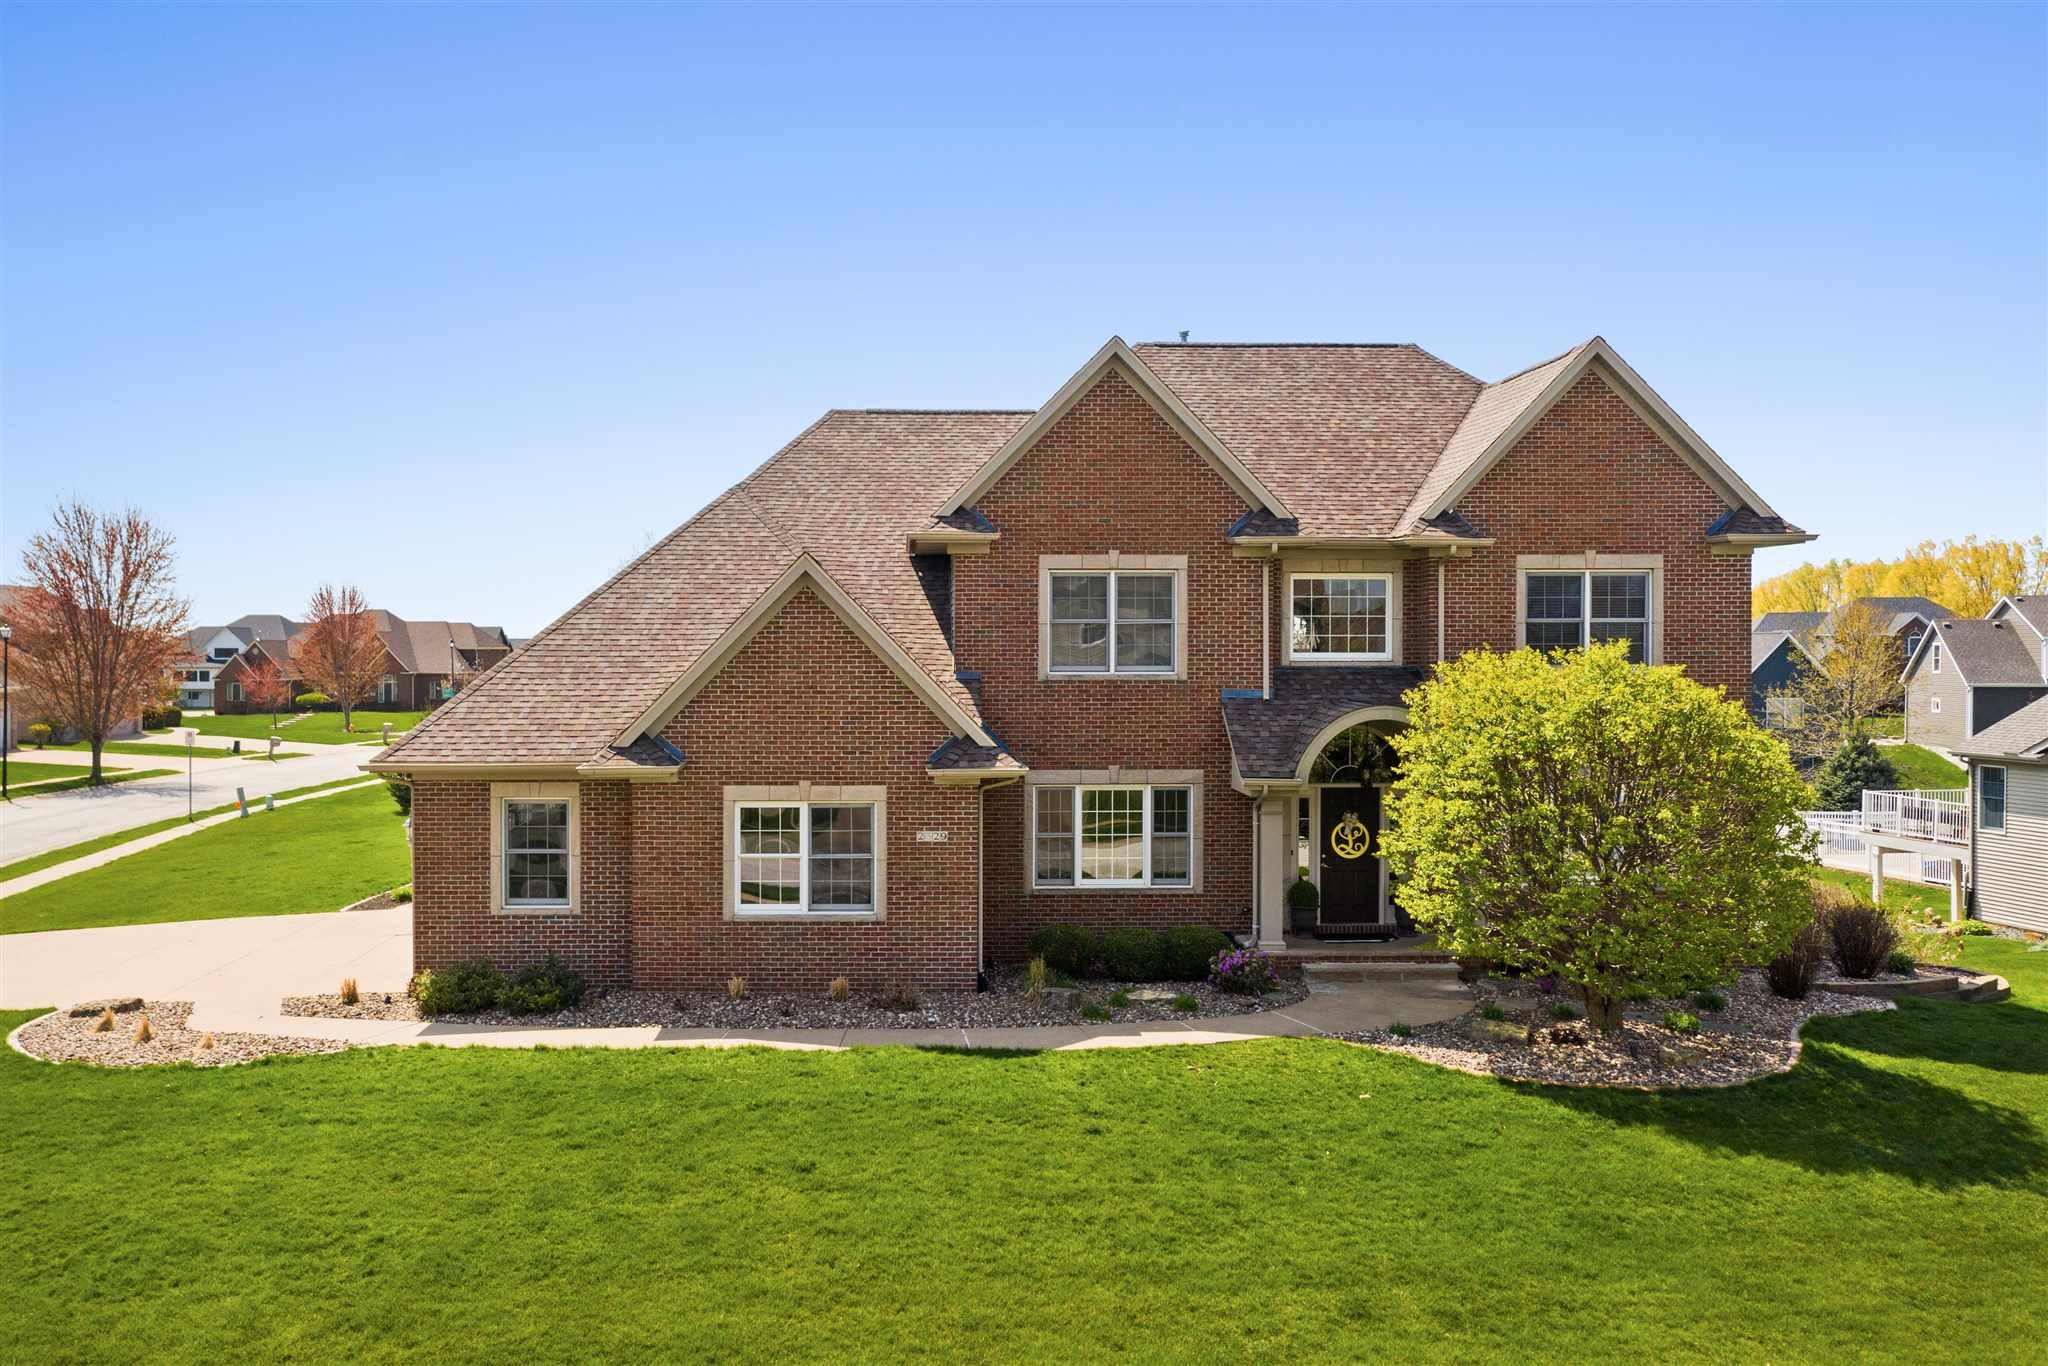 2829 E 64th Property Photo